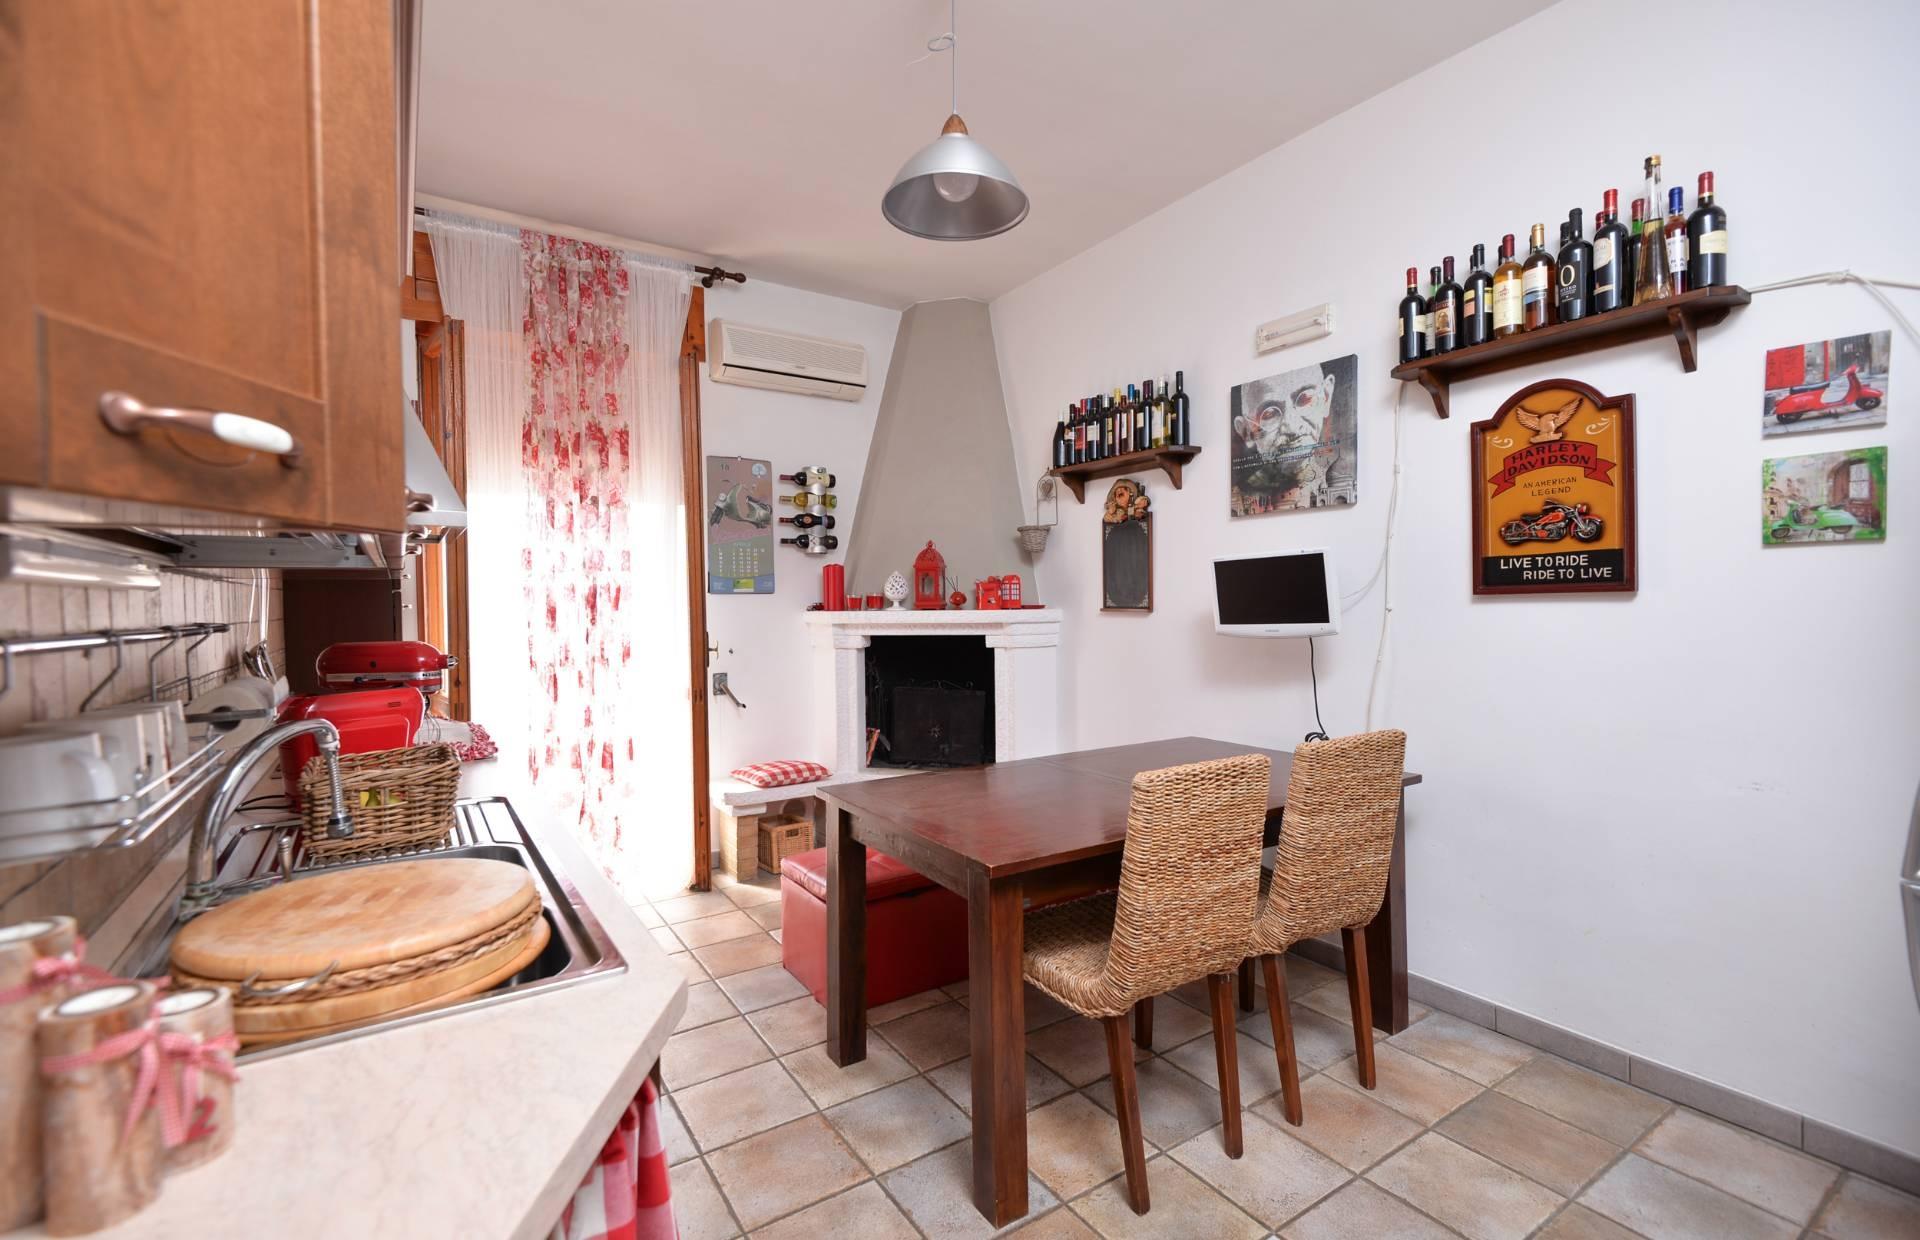 Appartamento in vendita a Maglie, 4 locali, prezzo € 89.000 | CambioCasa.it